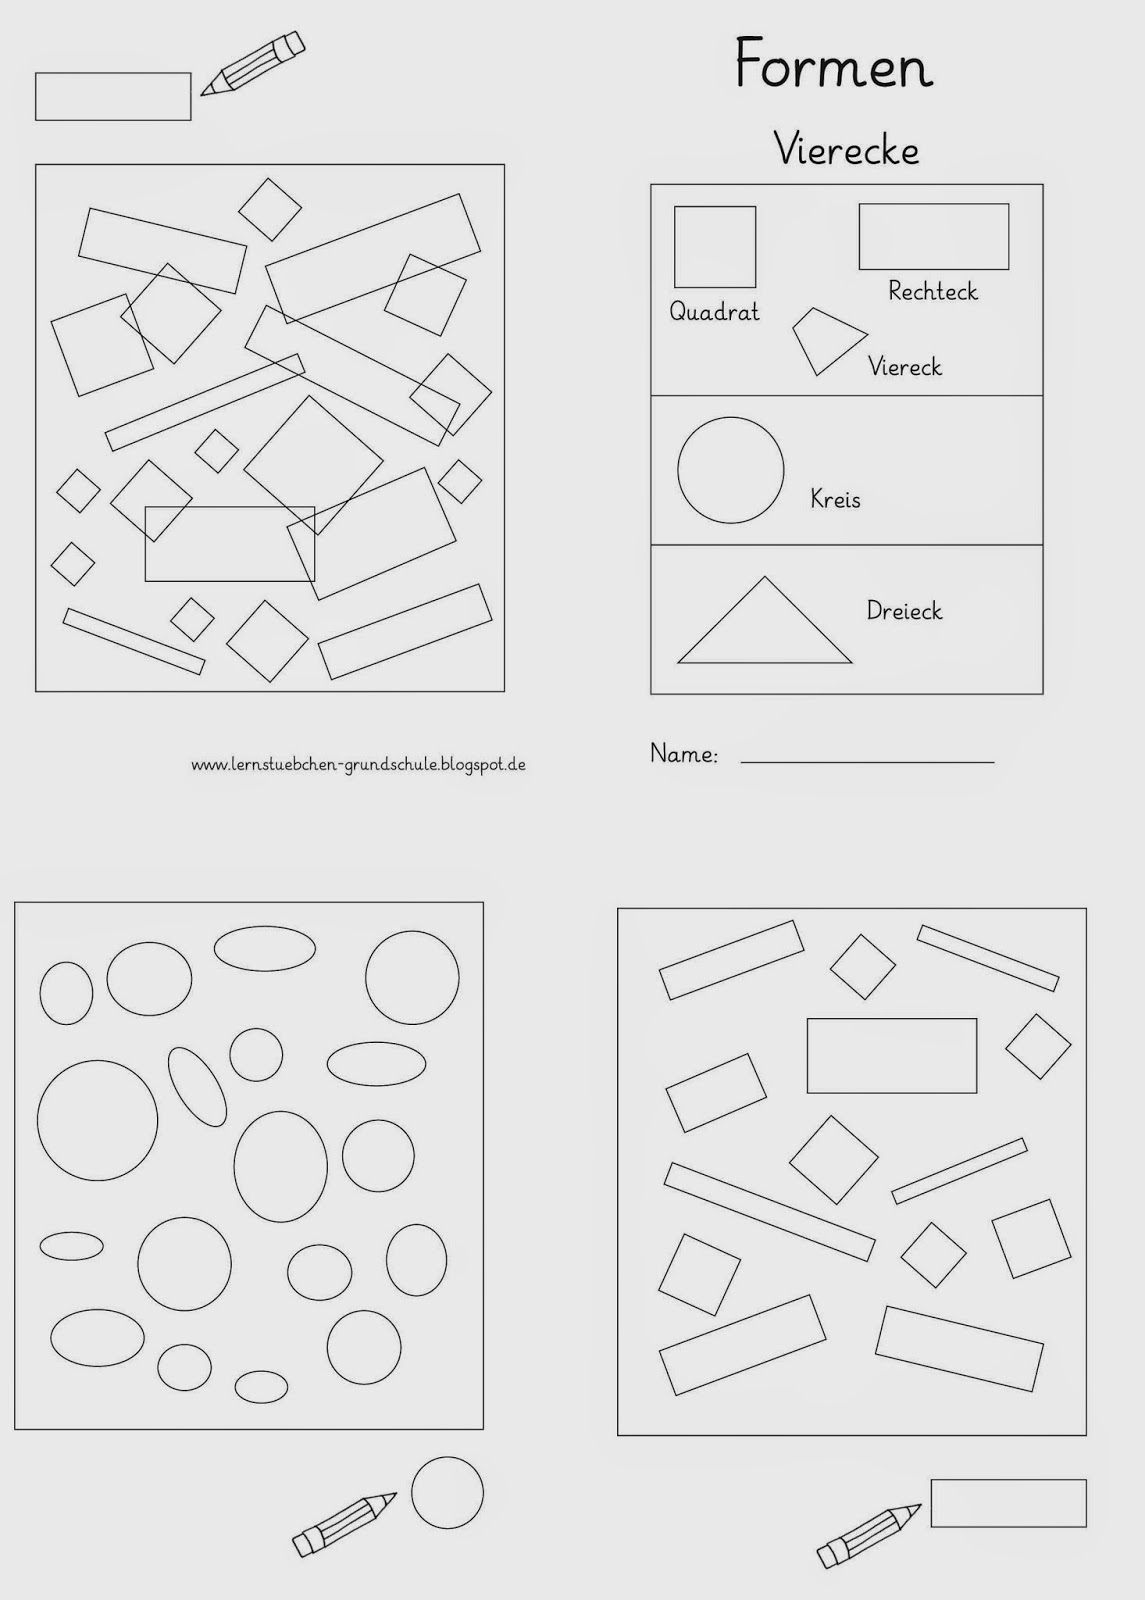 lernst bchen formen erkennen. Black Bedroom Furniture Sets. Home Design Ideas